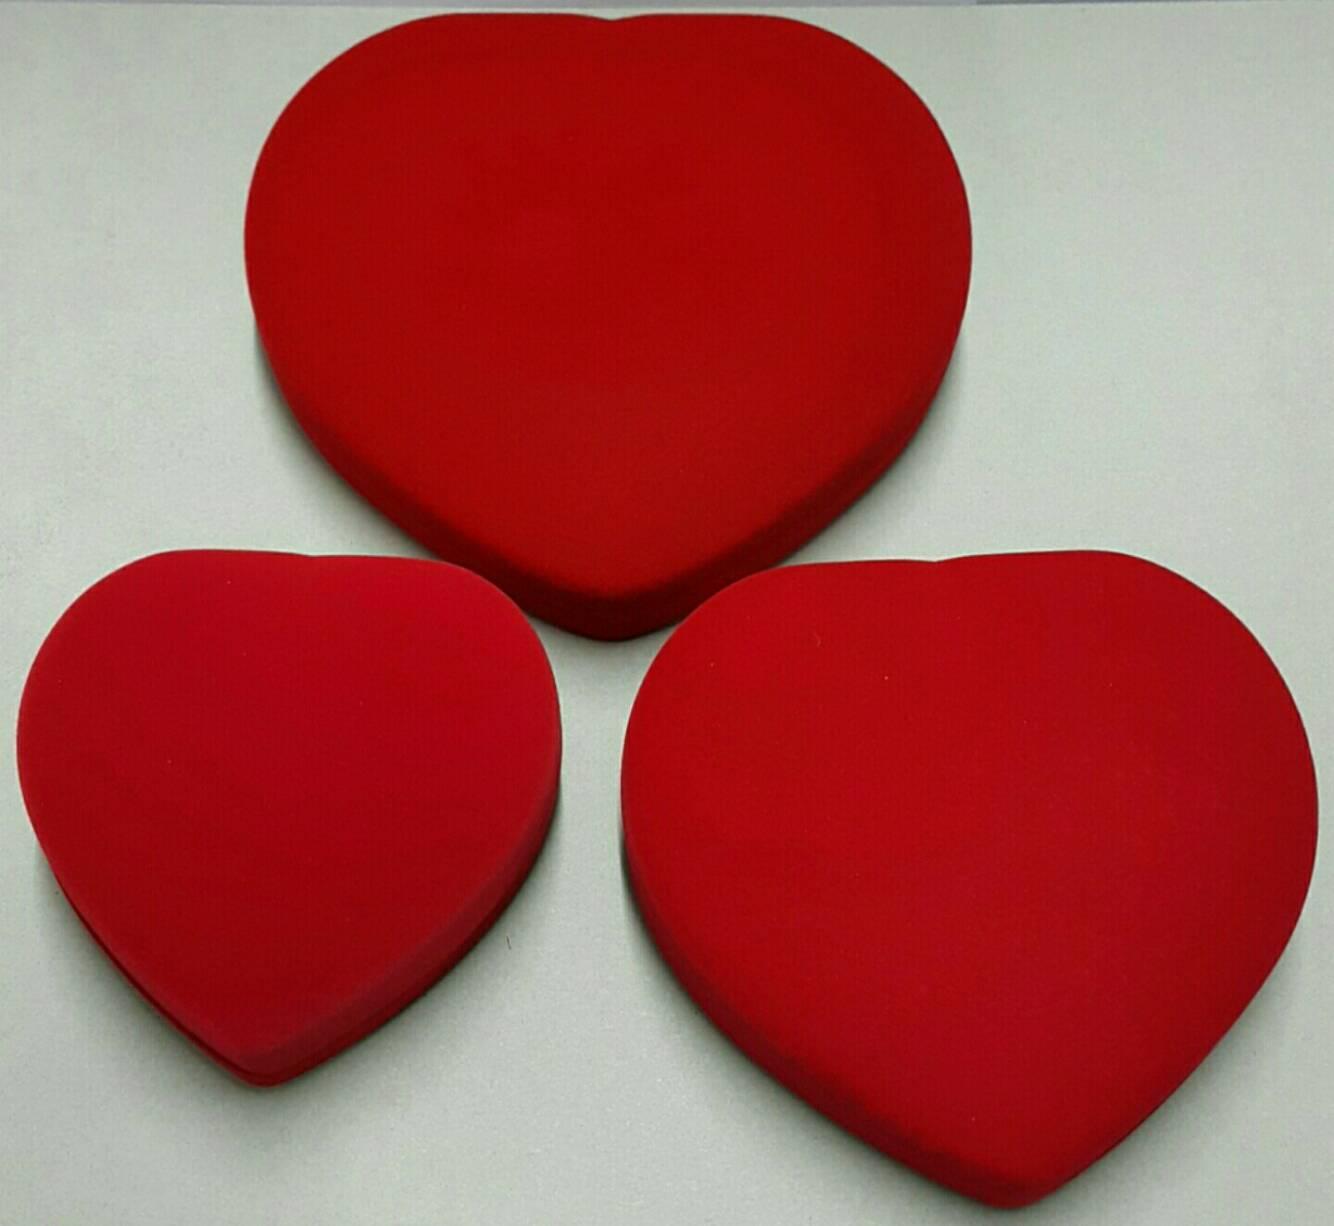 กล่องใส่สร้อย ใส่ชุดสังวาล รูปหัวใจ